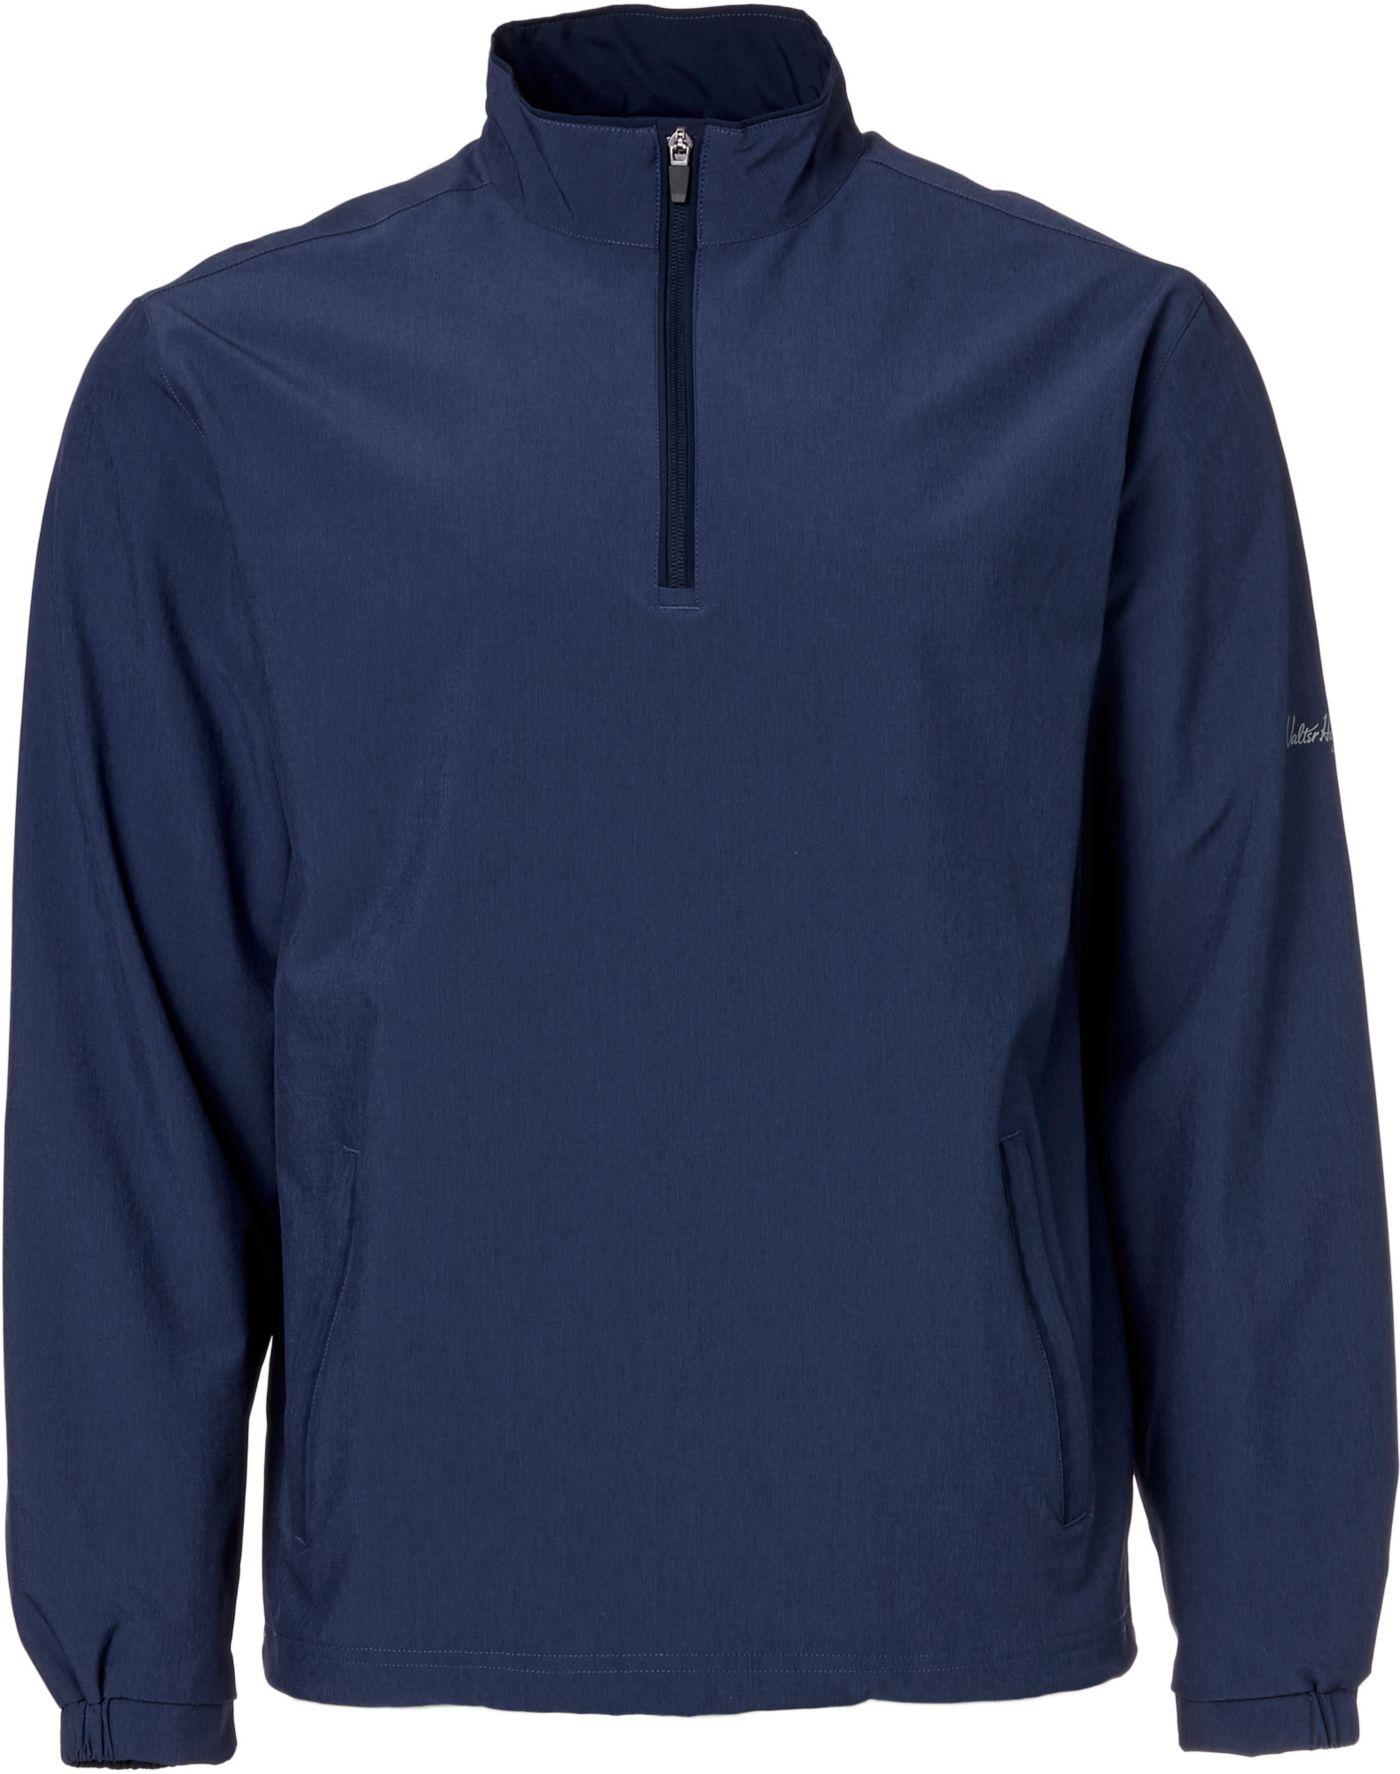 Walter Hagen Men's Front 9 Half-Zip Golf Pullover